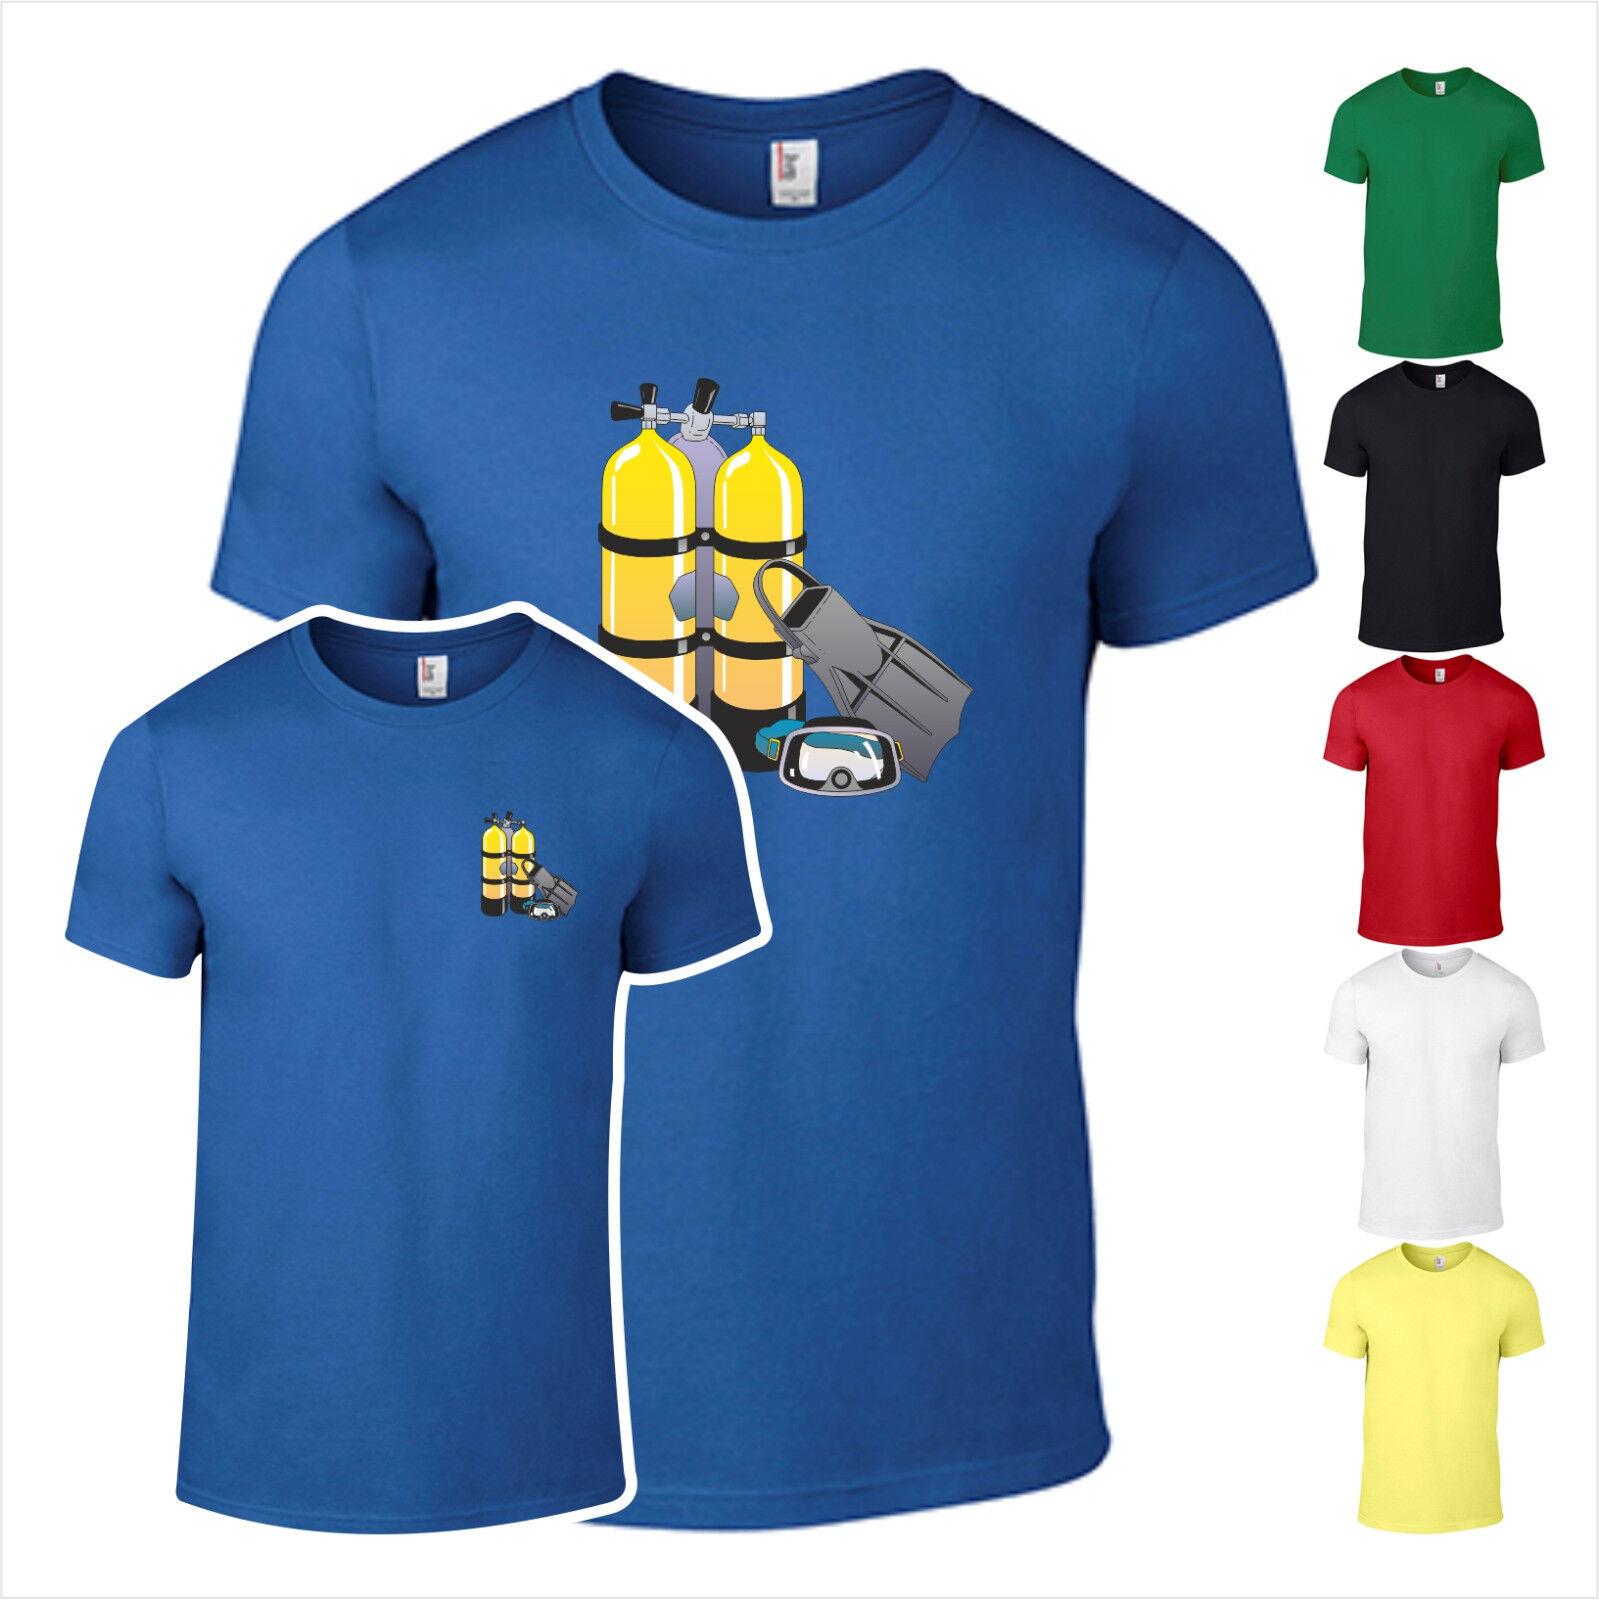 T-Shirt Taucher Tauchsport Sauerstoff Flaschen Tauchen  Schnorcheln bedruckt